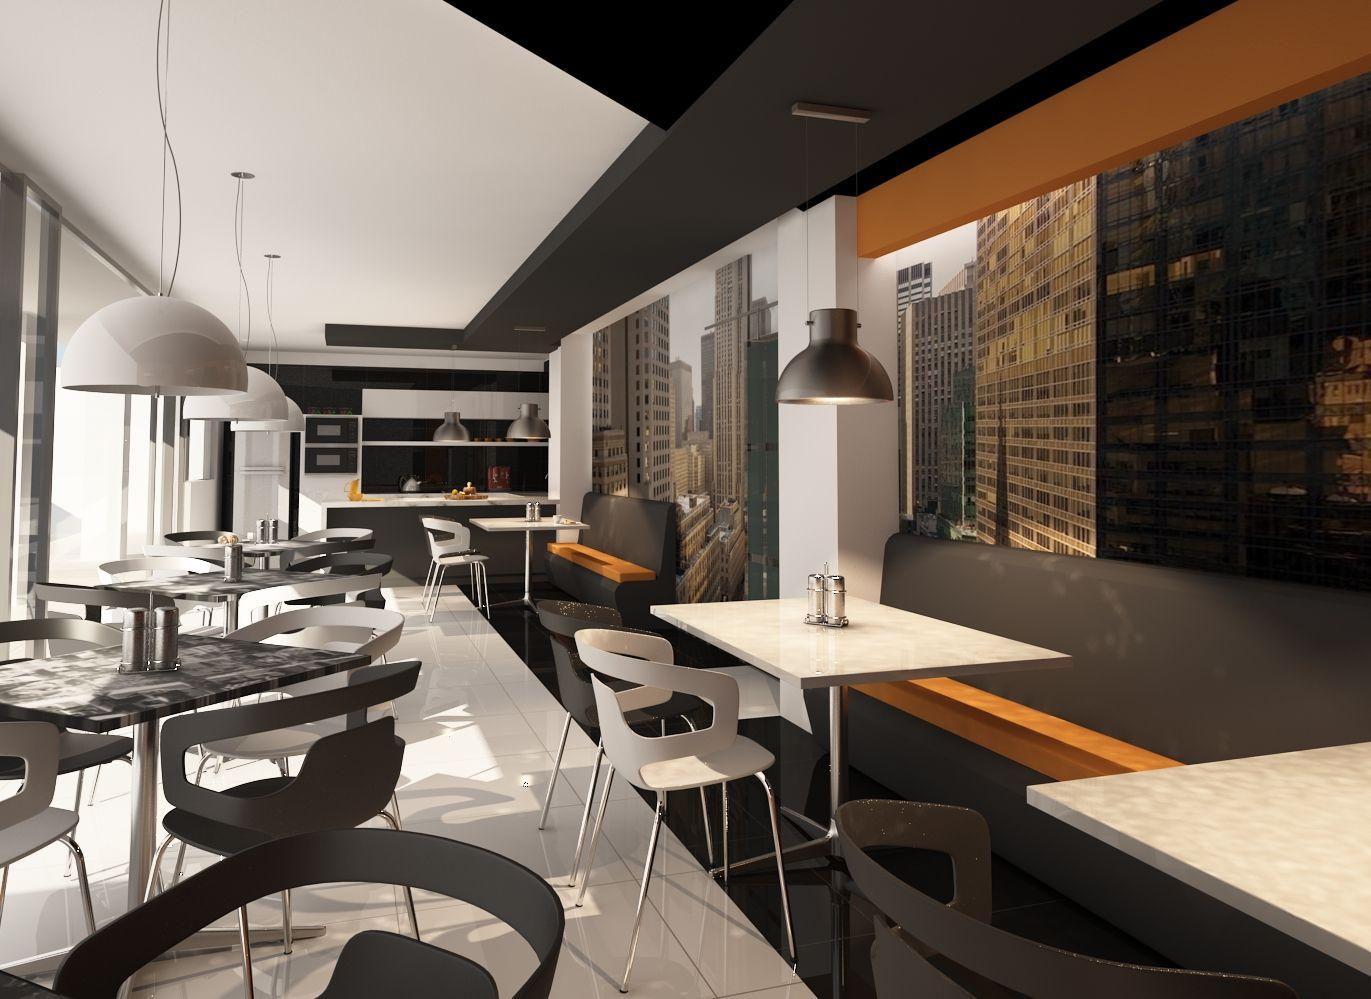 Dise o comercial cafeter a moderno contempor neo for Decoracion cafeterias modernas